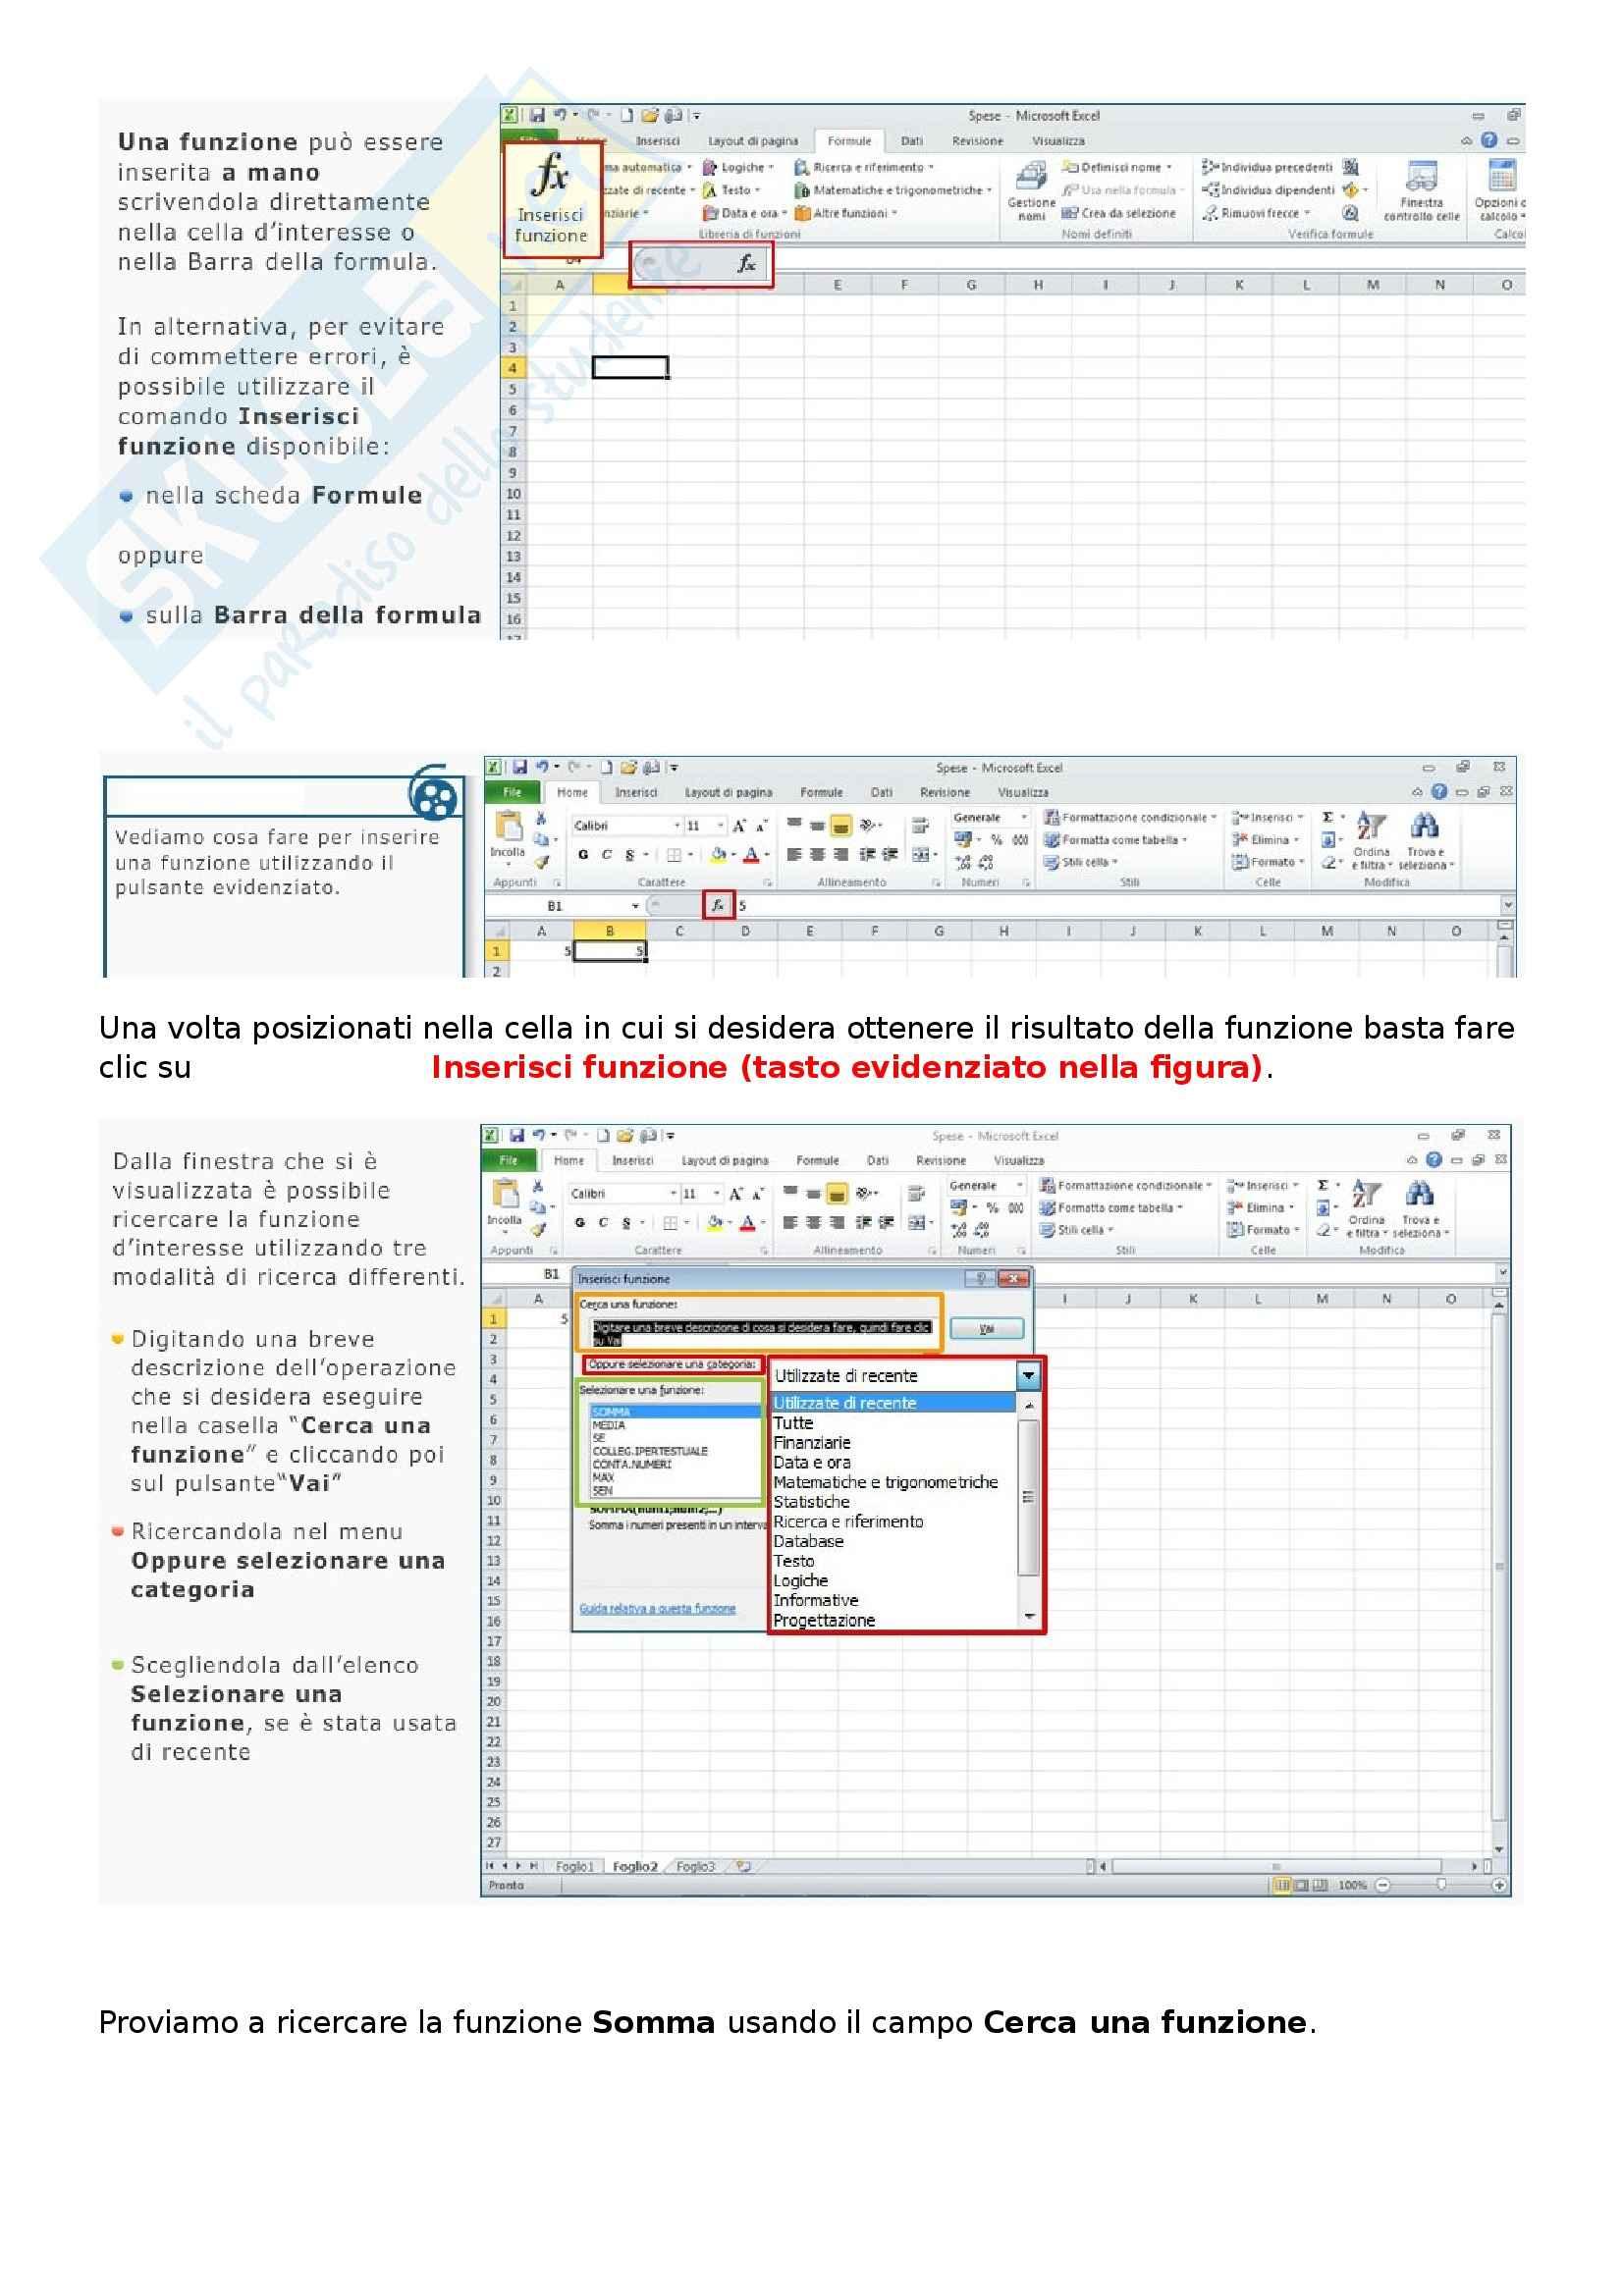 Ict e società dell'informazione - Come utilizzare i fogli di calcolo di Excel 2010 Pag. 36